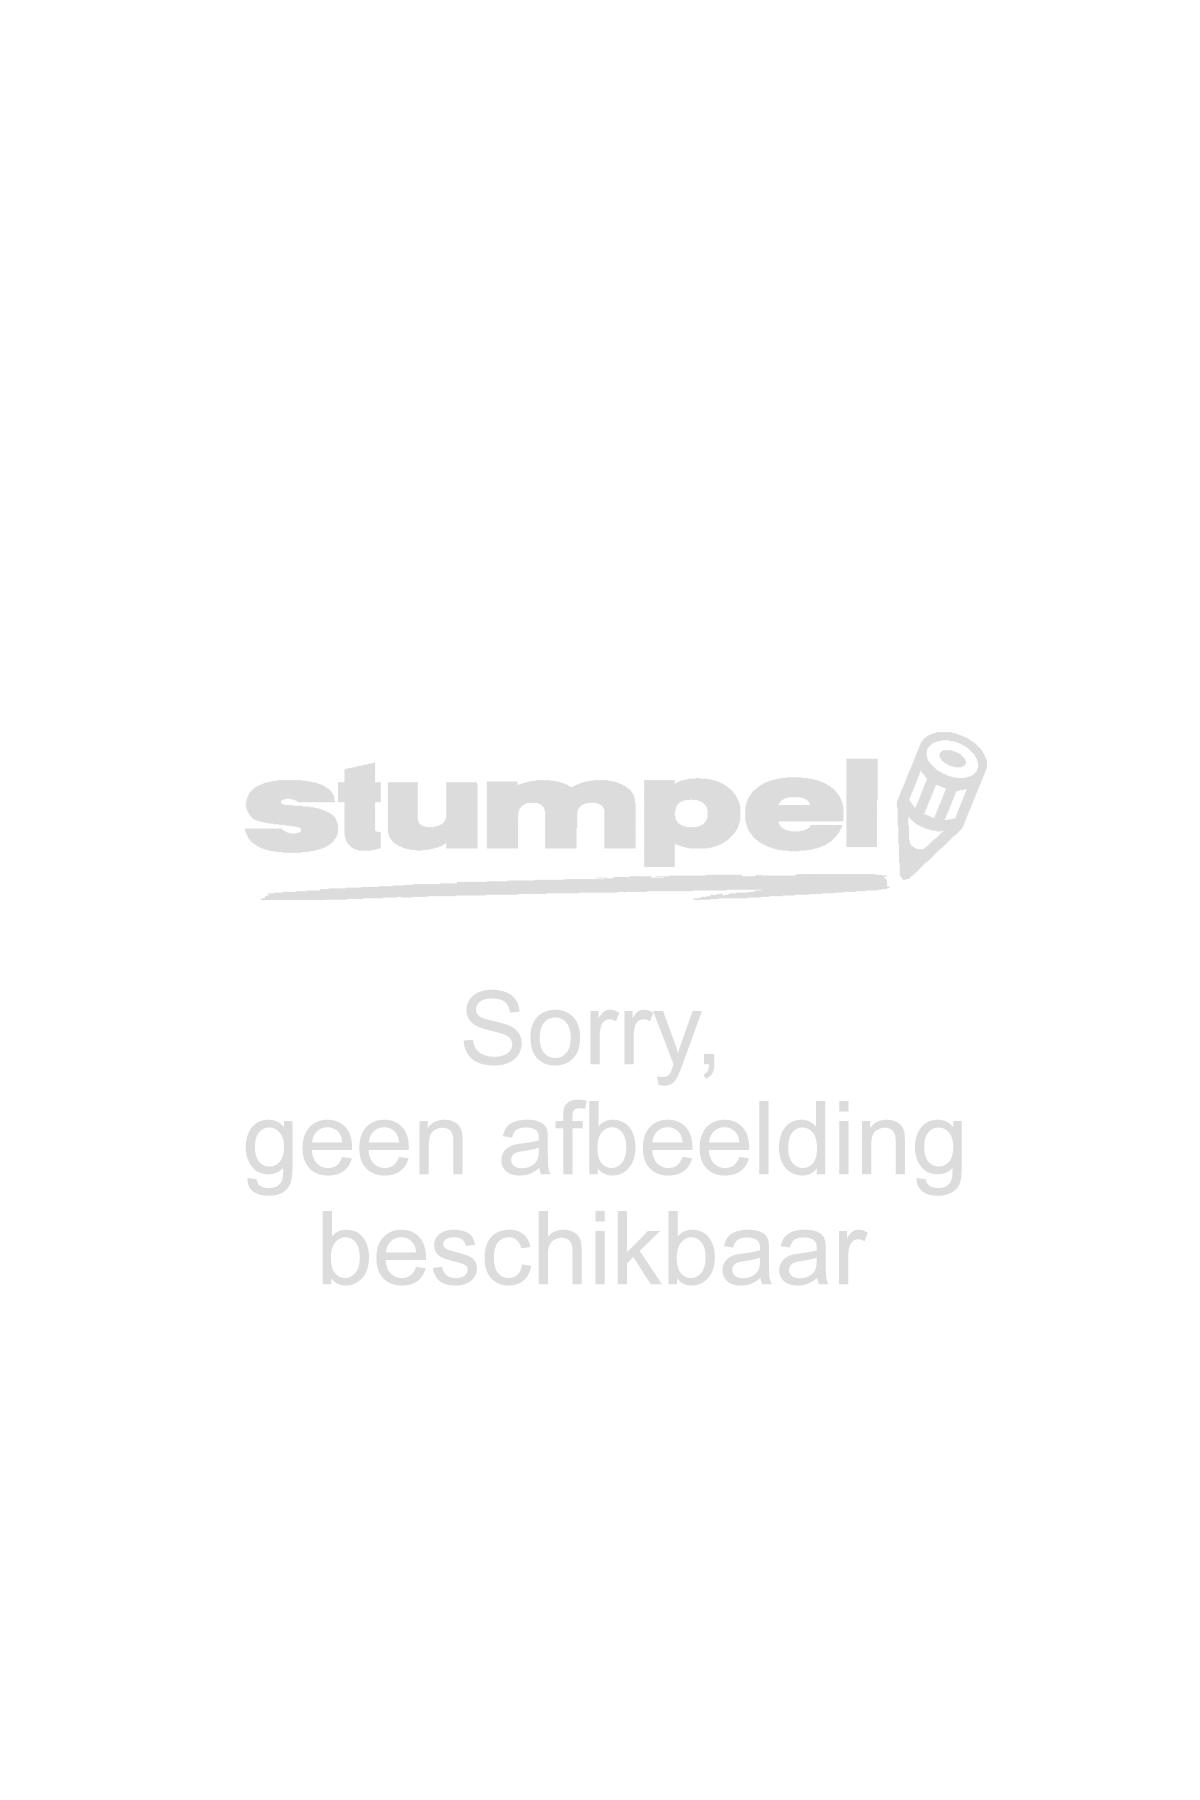 viltstift-staedtler-ohp-lumocolor-m317-zwart-mediu-920541